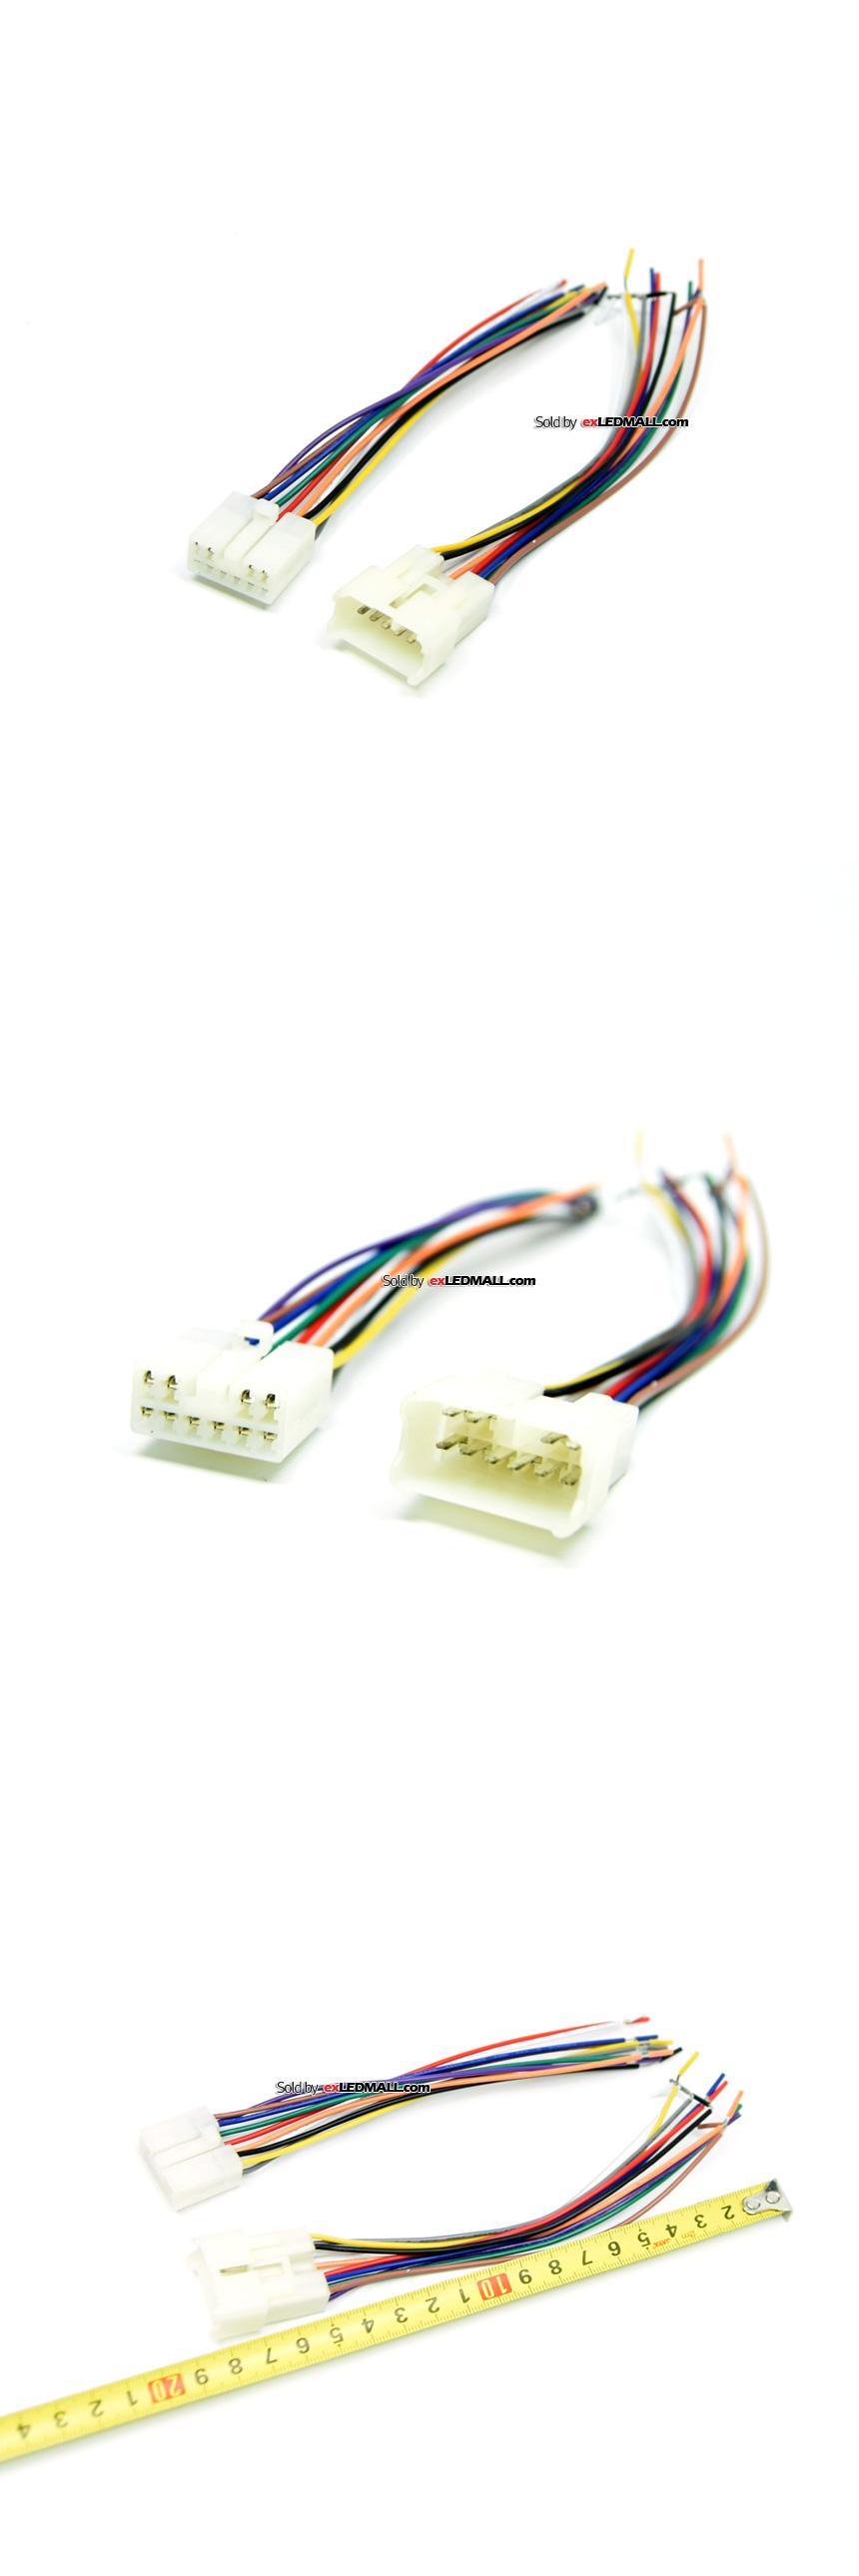 하네스 150mm 10P 대전류 커넥터 (암수셋트)